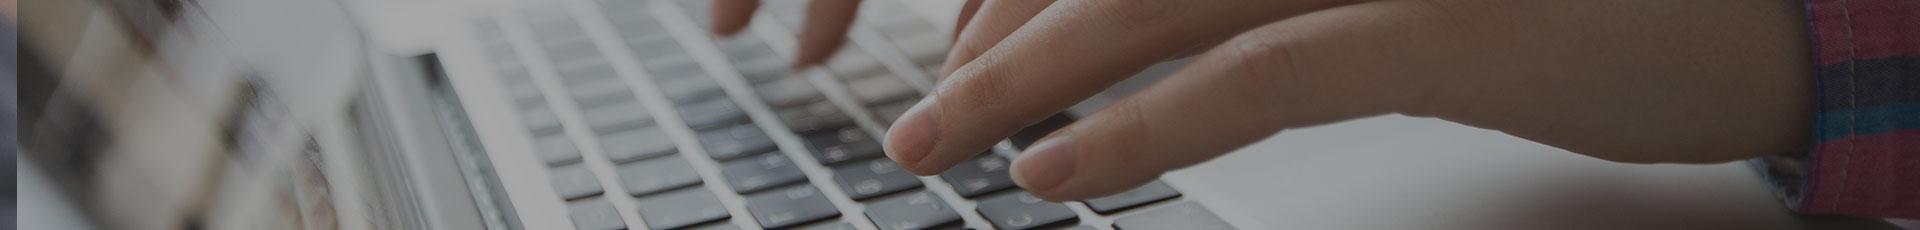 Βάσεις για ΤV, Laptop - Αξεσουάρ έως 60% έκπτωση